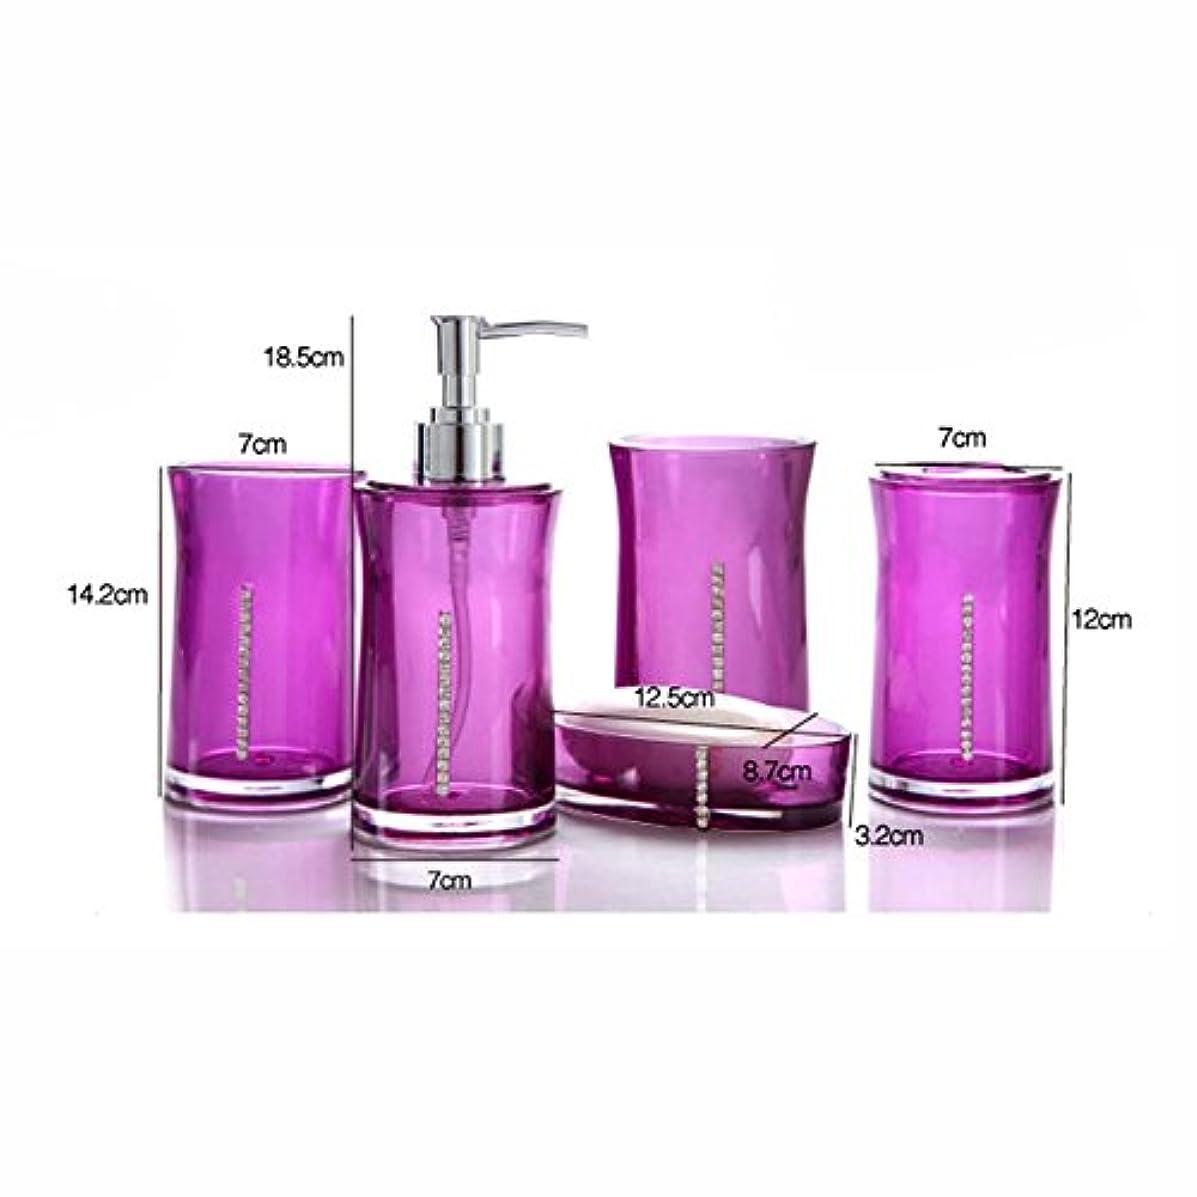 光電つぶやき技術xlp シャワージェルアクリルボトル、キッチンバス用シャンプー液体石鹸ディスペンサーボトル (紫)